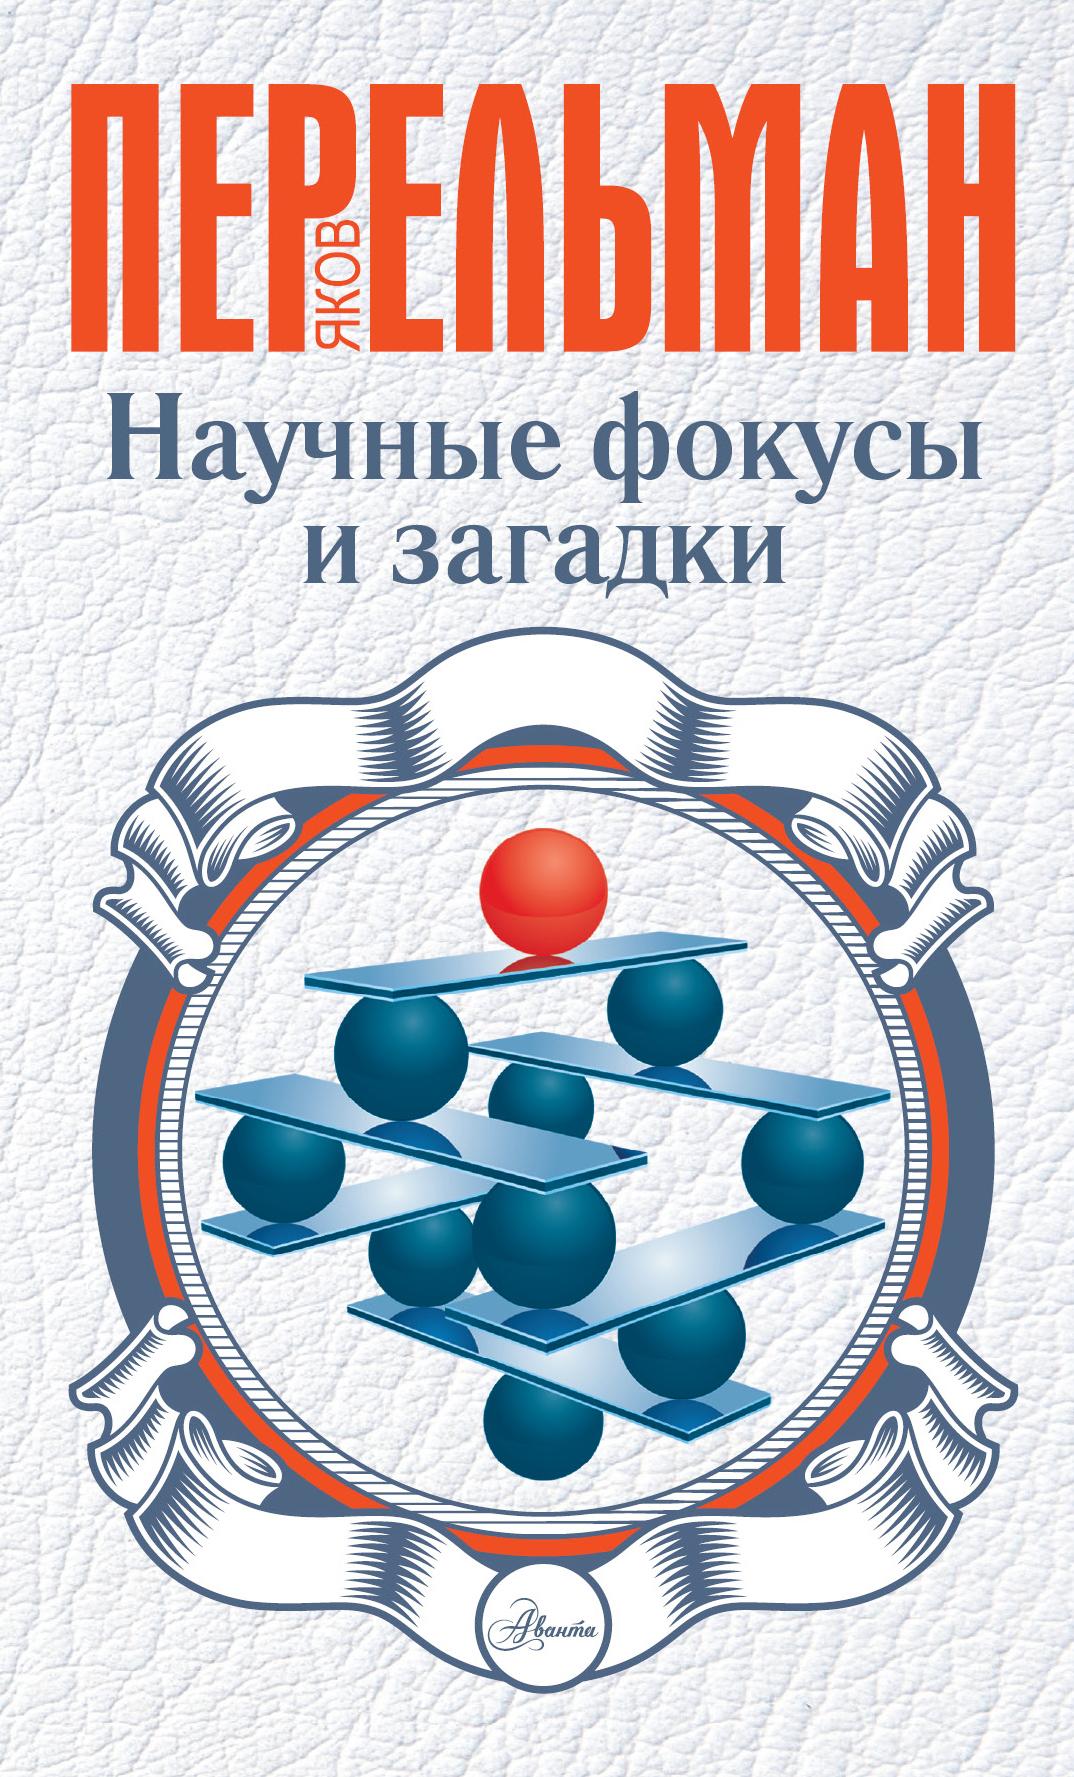 Научные фокусы и загадки ( Перельман Я.И.  )